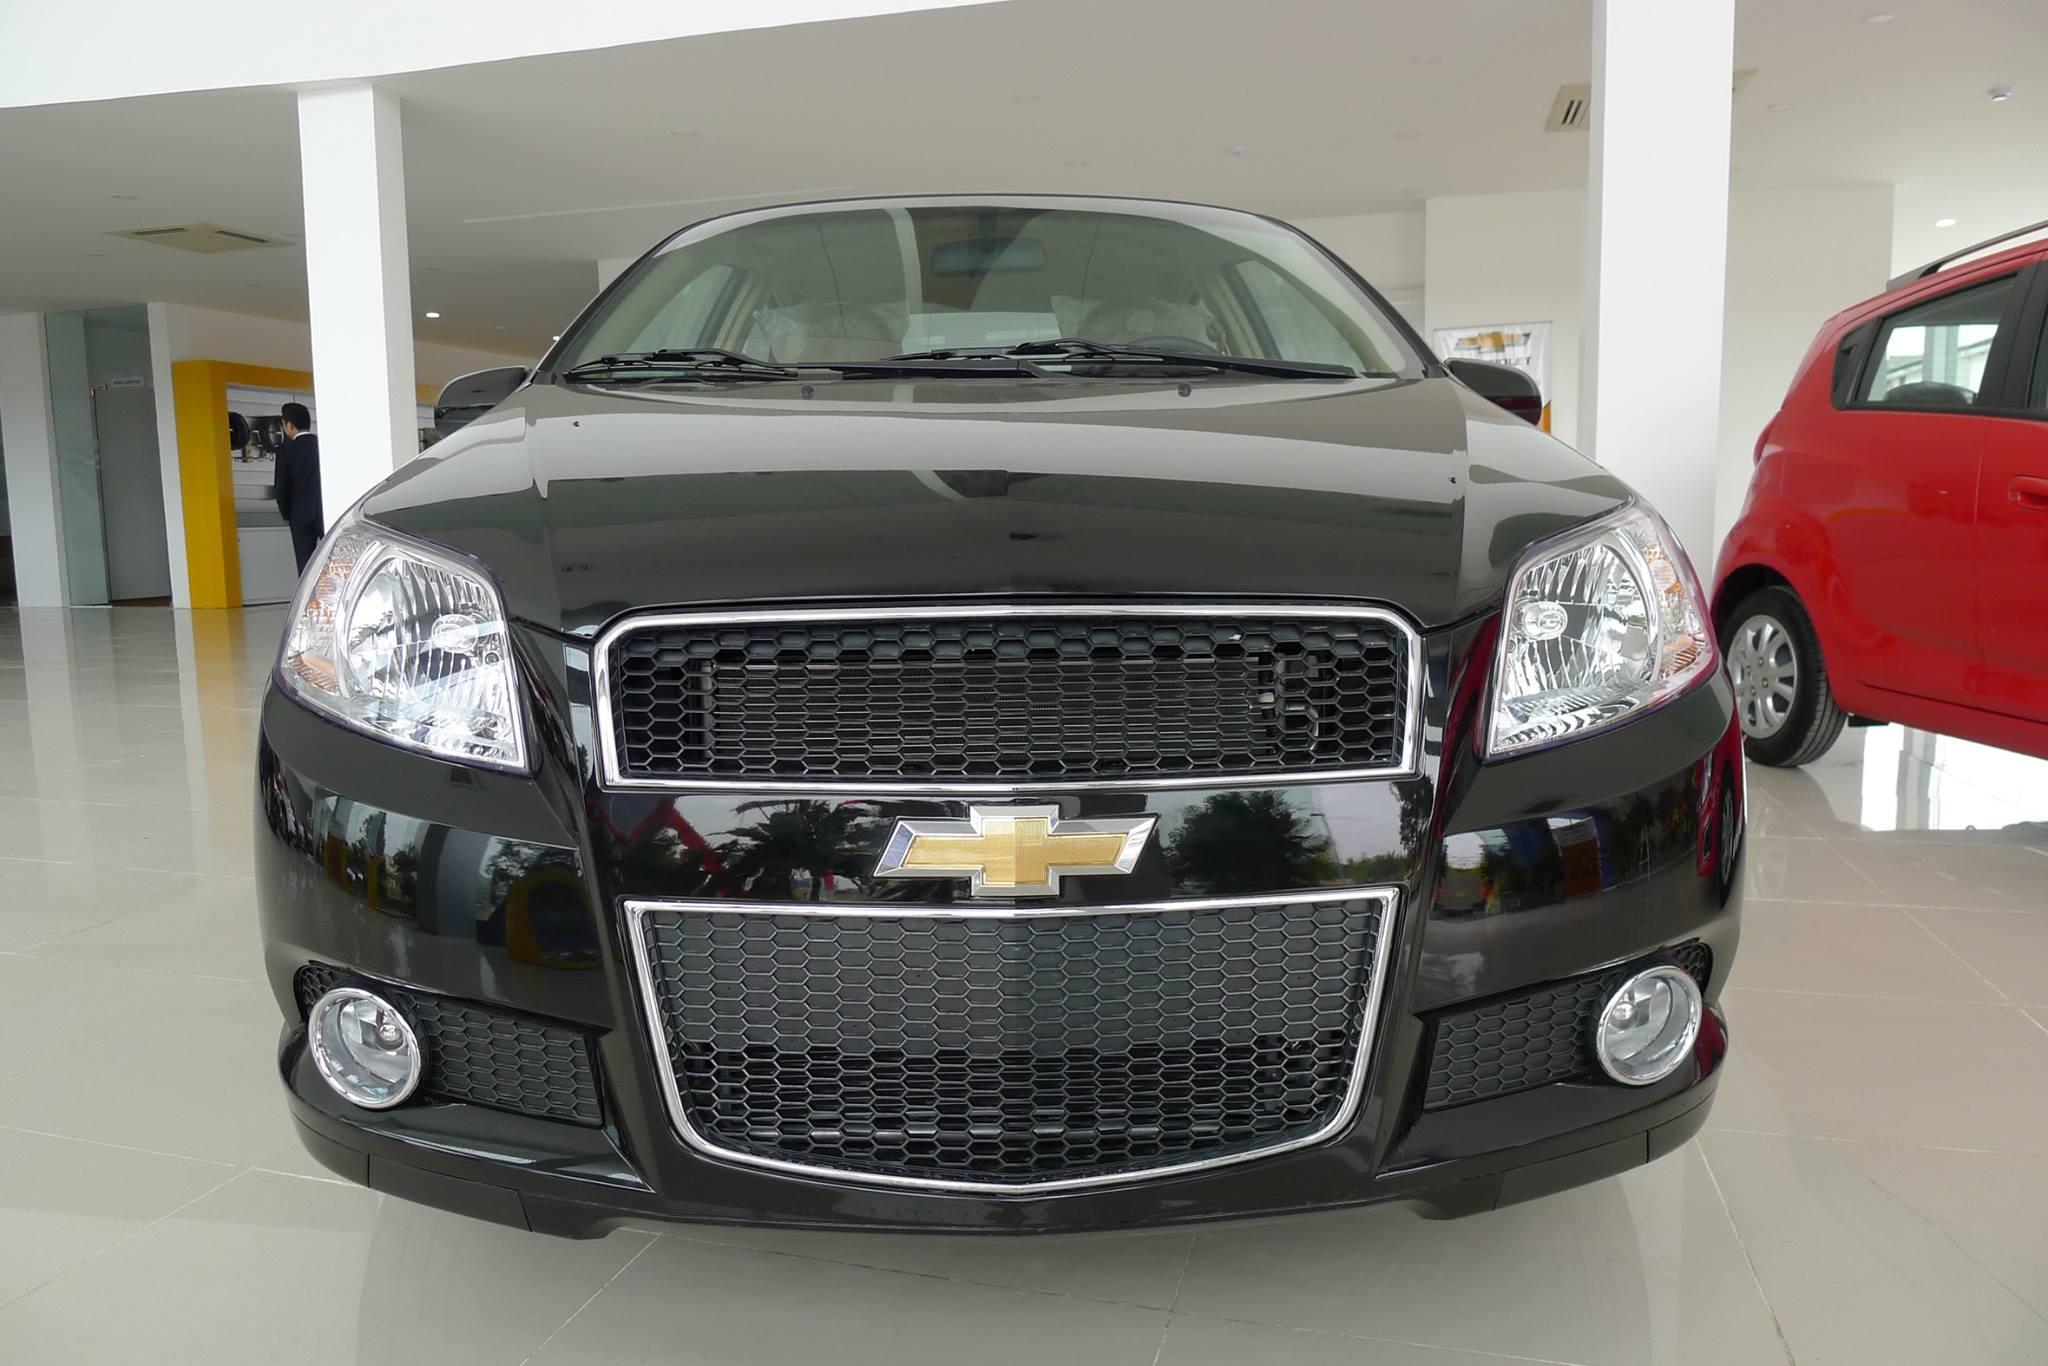 Đầu xe Chevrolet Aveo nổi bật bởi thiết kế mạnh mẽ đầy nam tính.